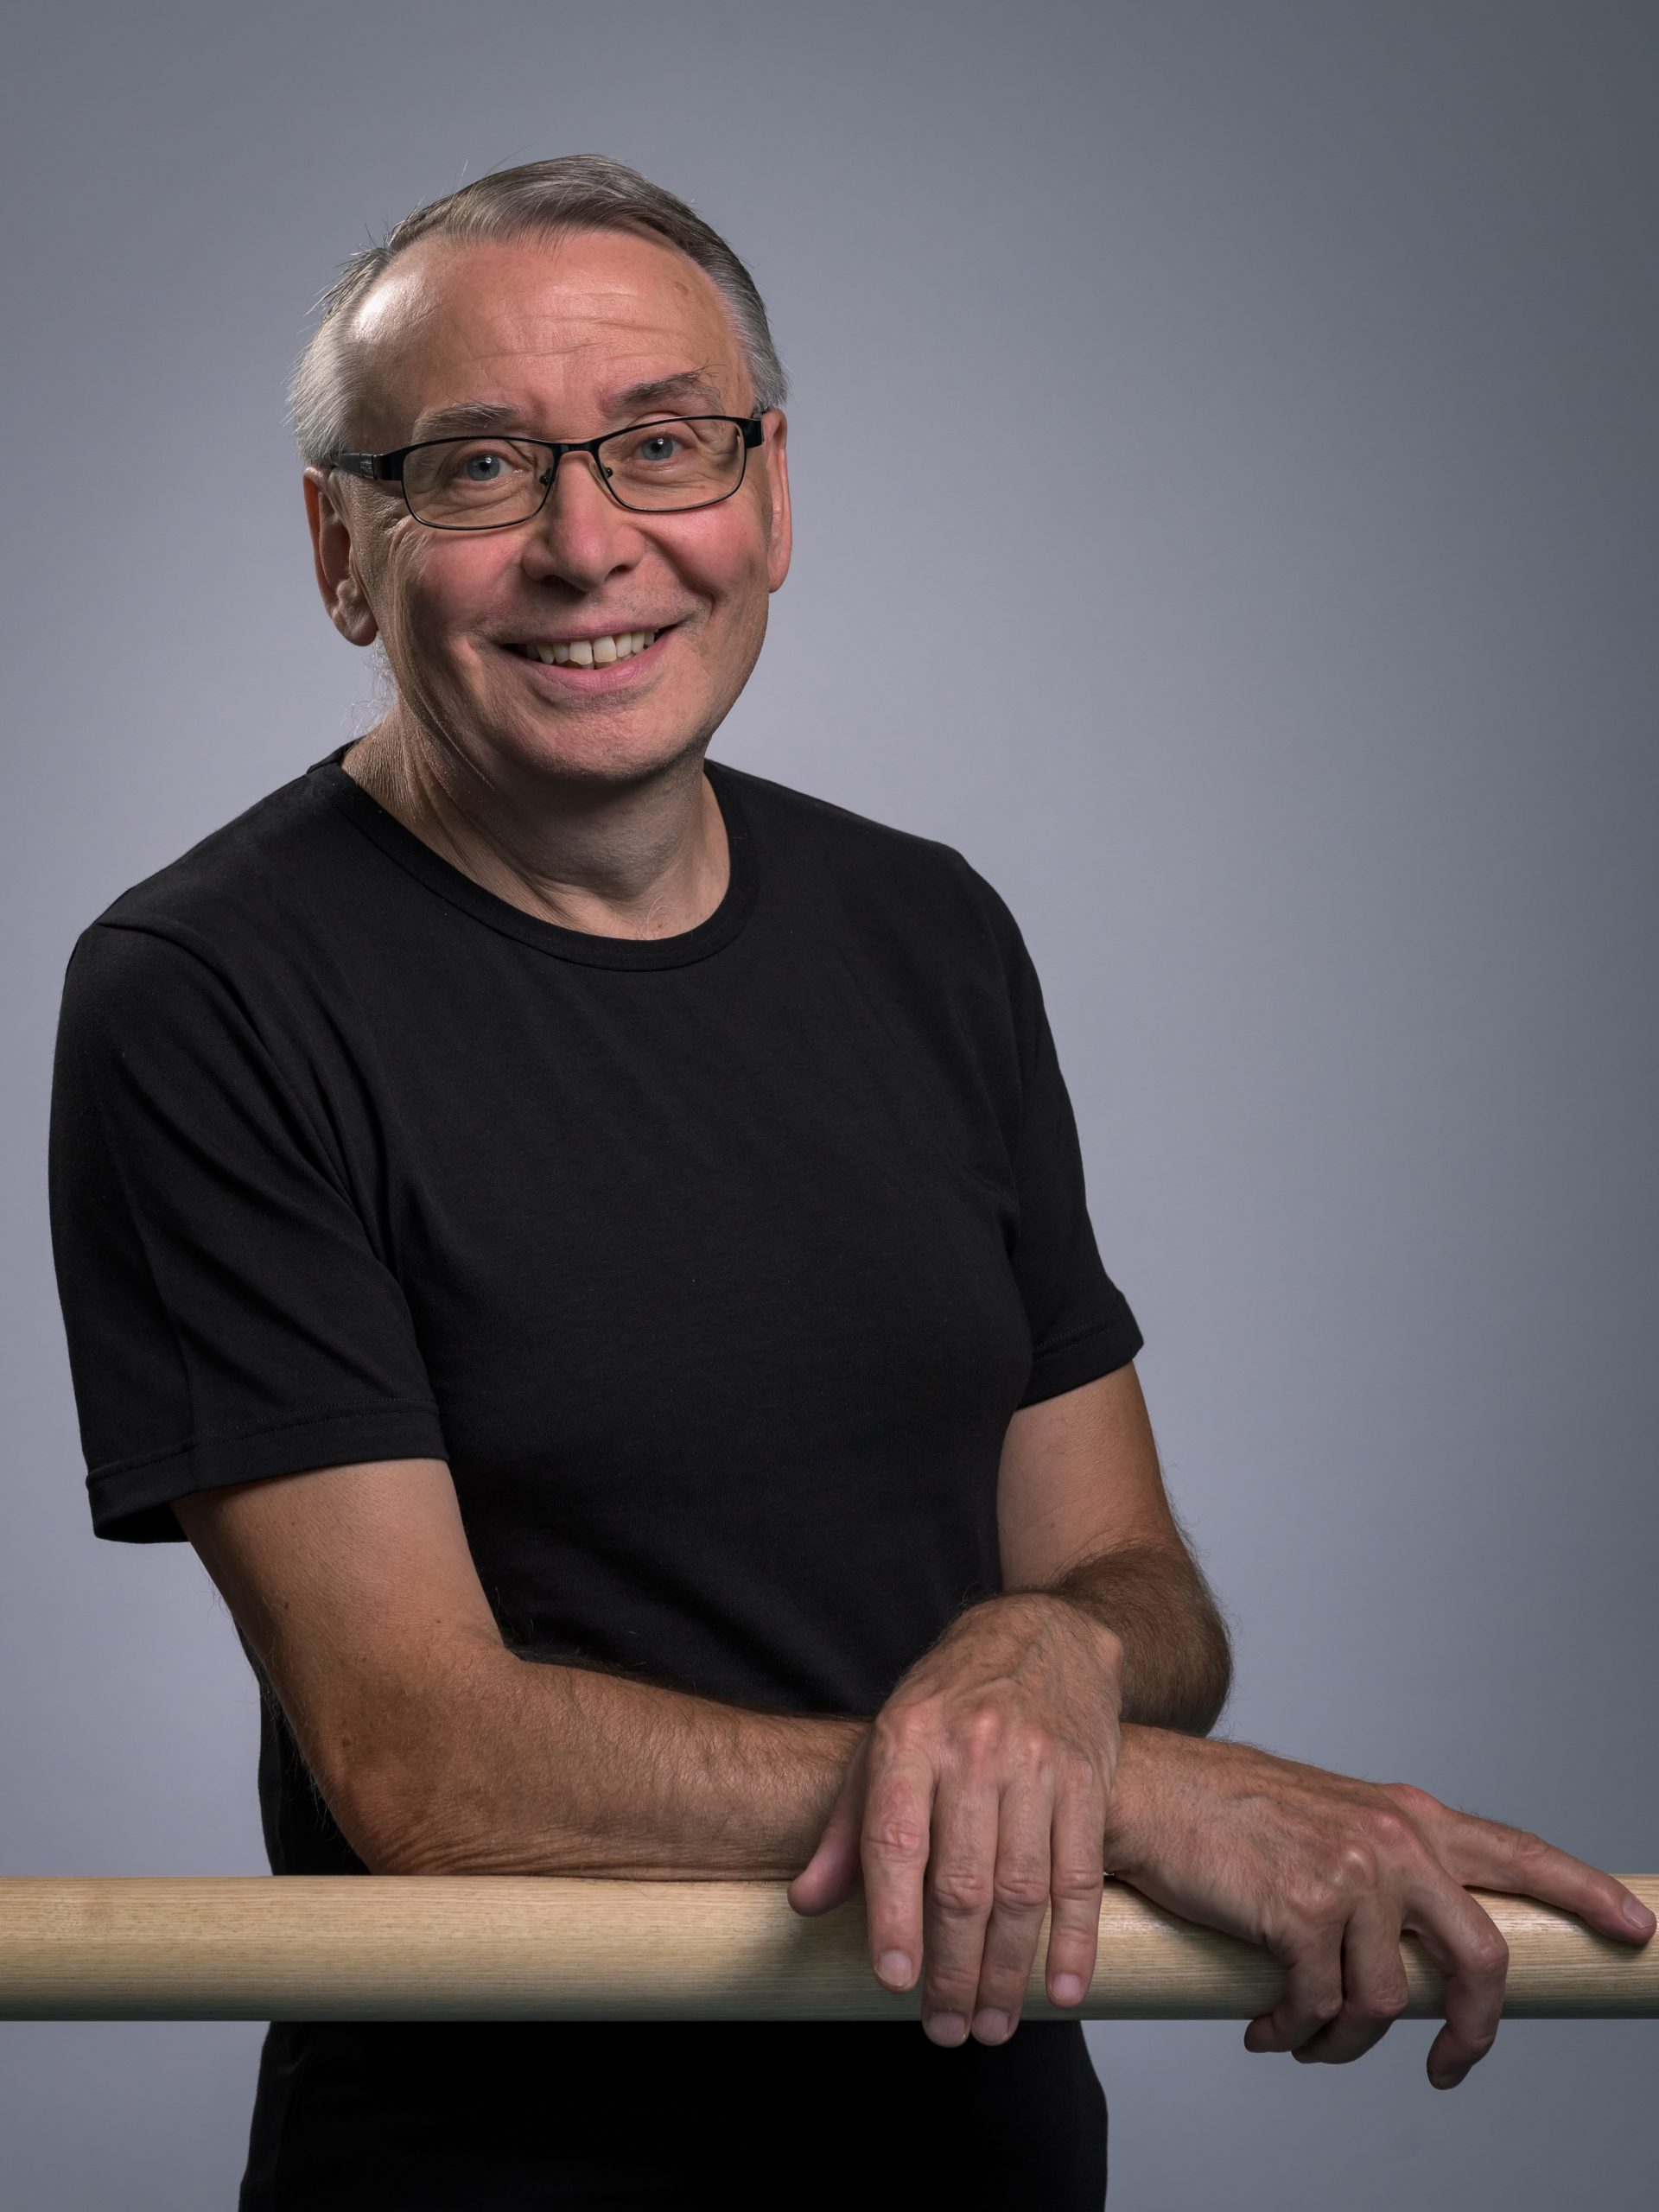 Pavel Hrbáček